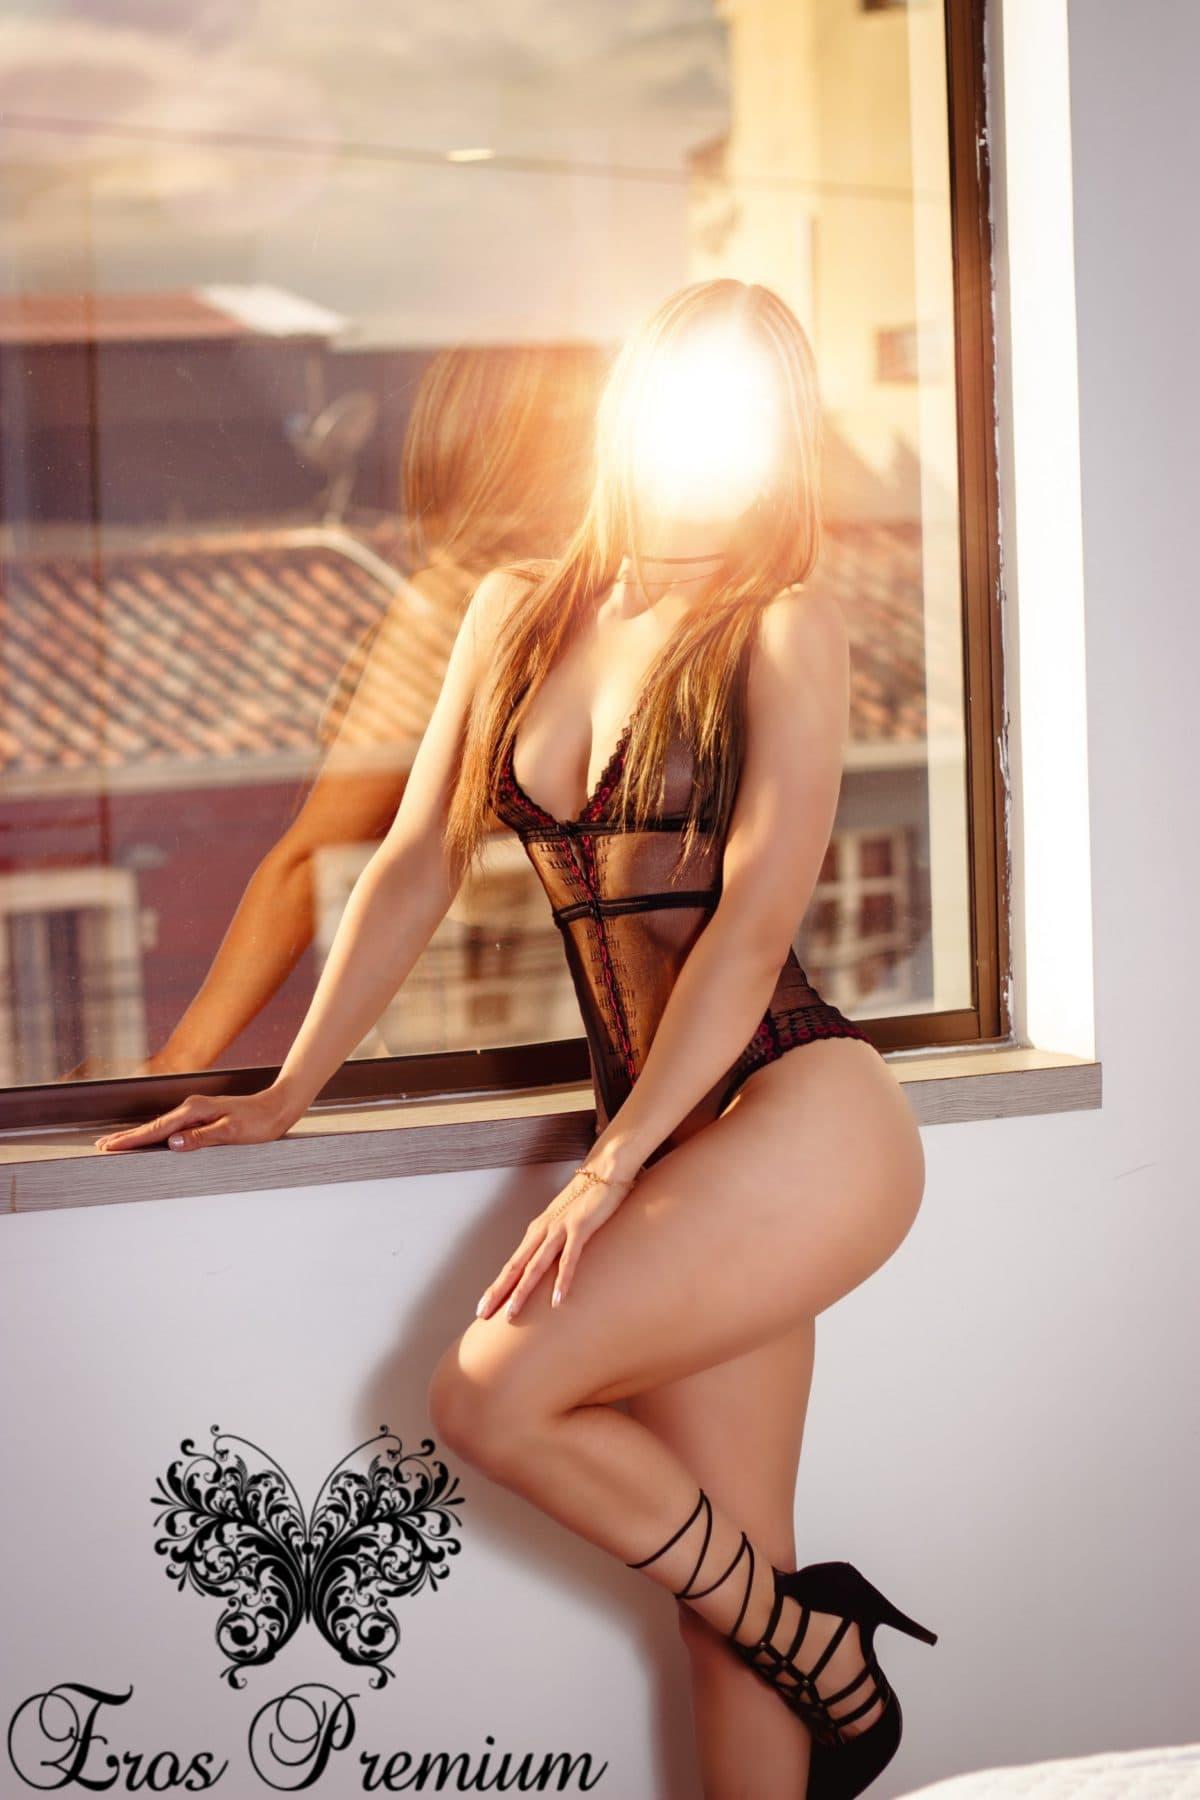 Prepago en Bogota, Colombia, Maleja Modelo exclusiva y escort Bogotana VIP